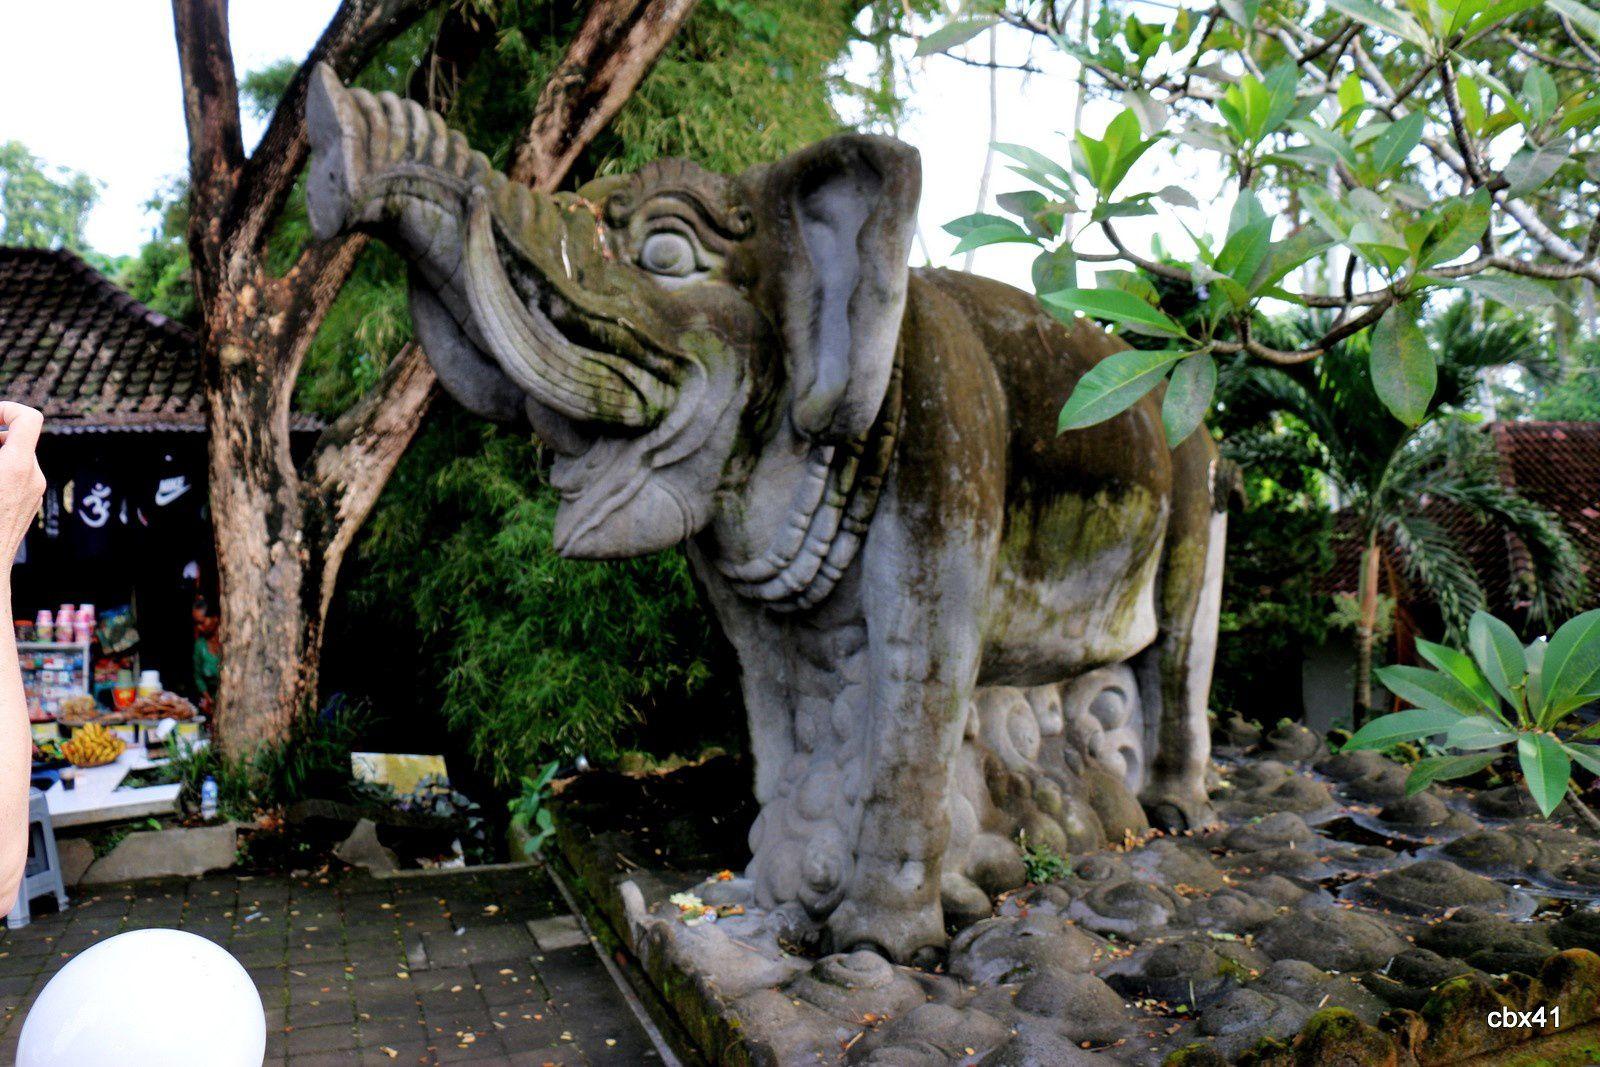 Les bains du temple de Goa Gajah (Grotte de l'éléphant),  Gianyar (Bali, Indonésie)